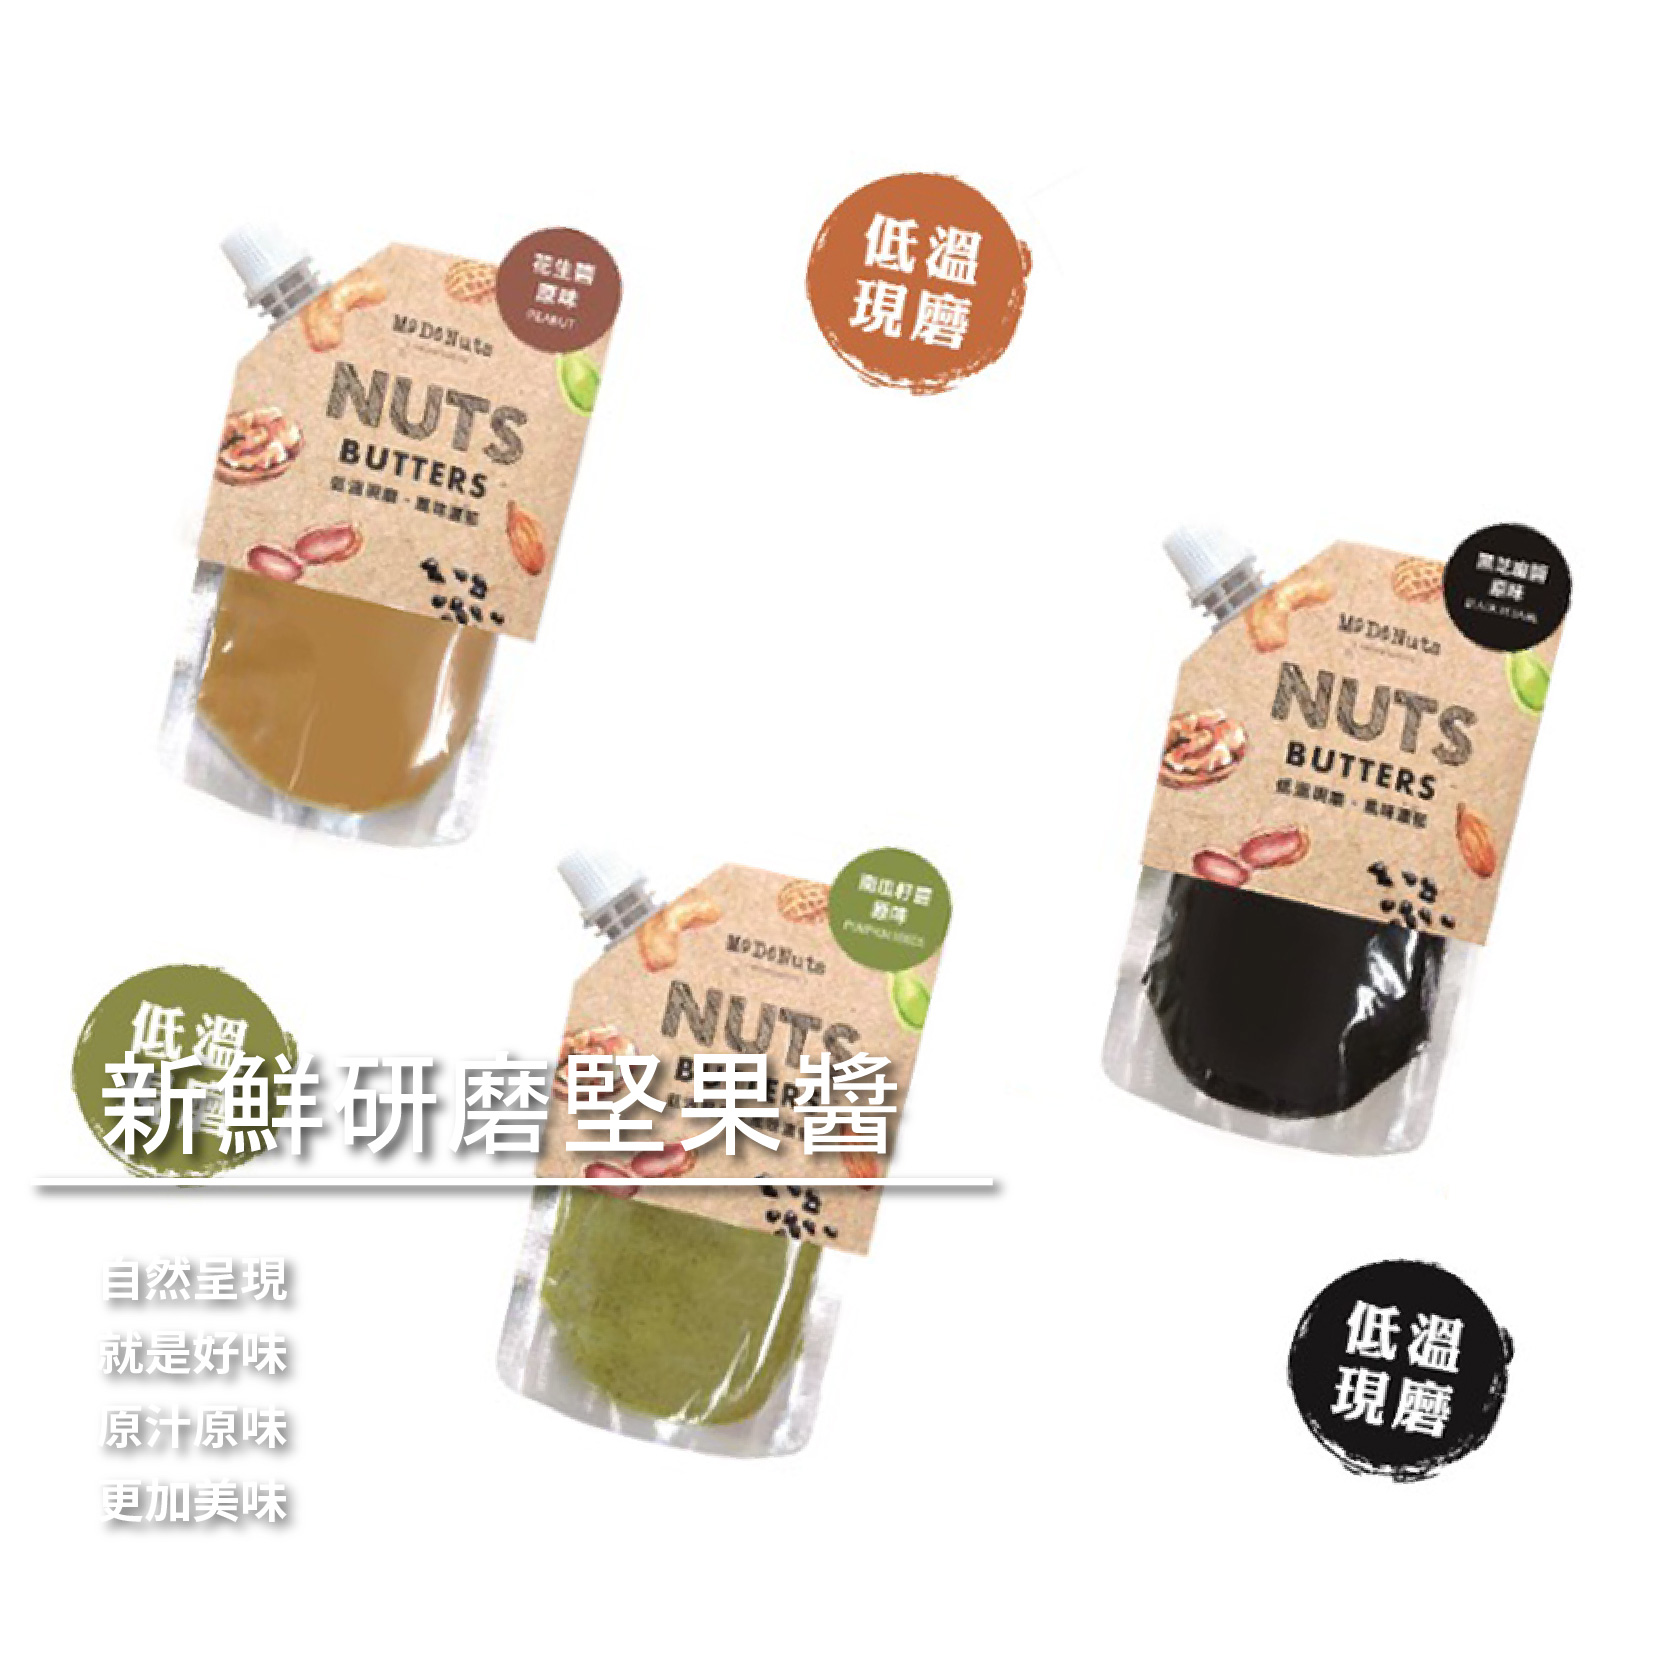 【茗磨坊磨豆】新鮮研磨堅果醬-花生醬/南瓜籽醬/黑芝麻醬